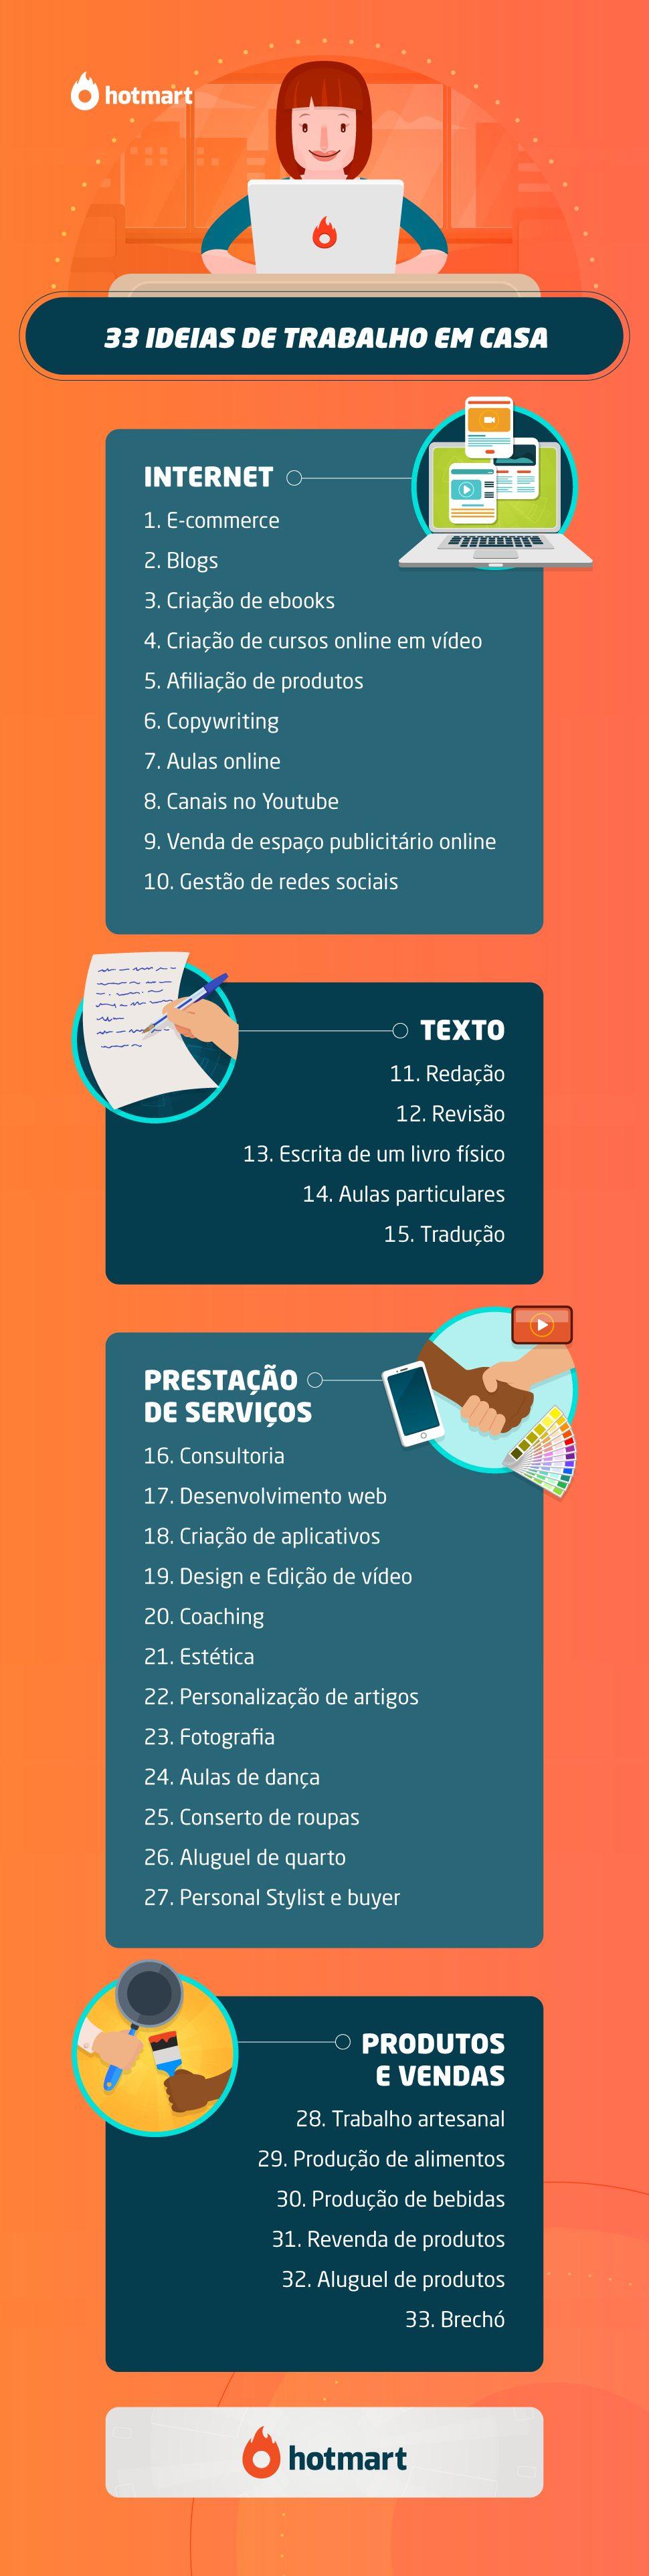 Trabalhar em casa - infográfico com as 33 ideias